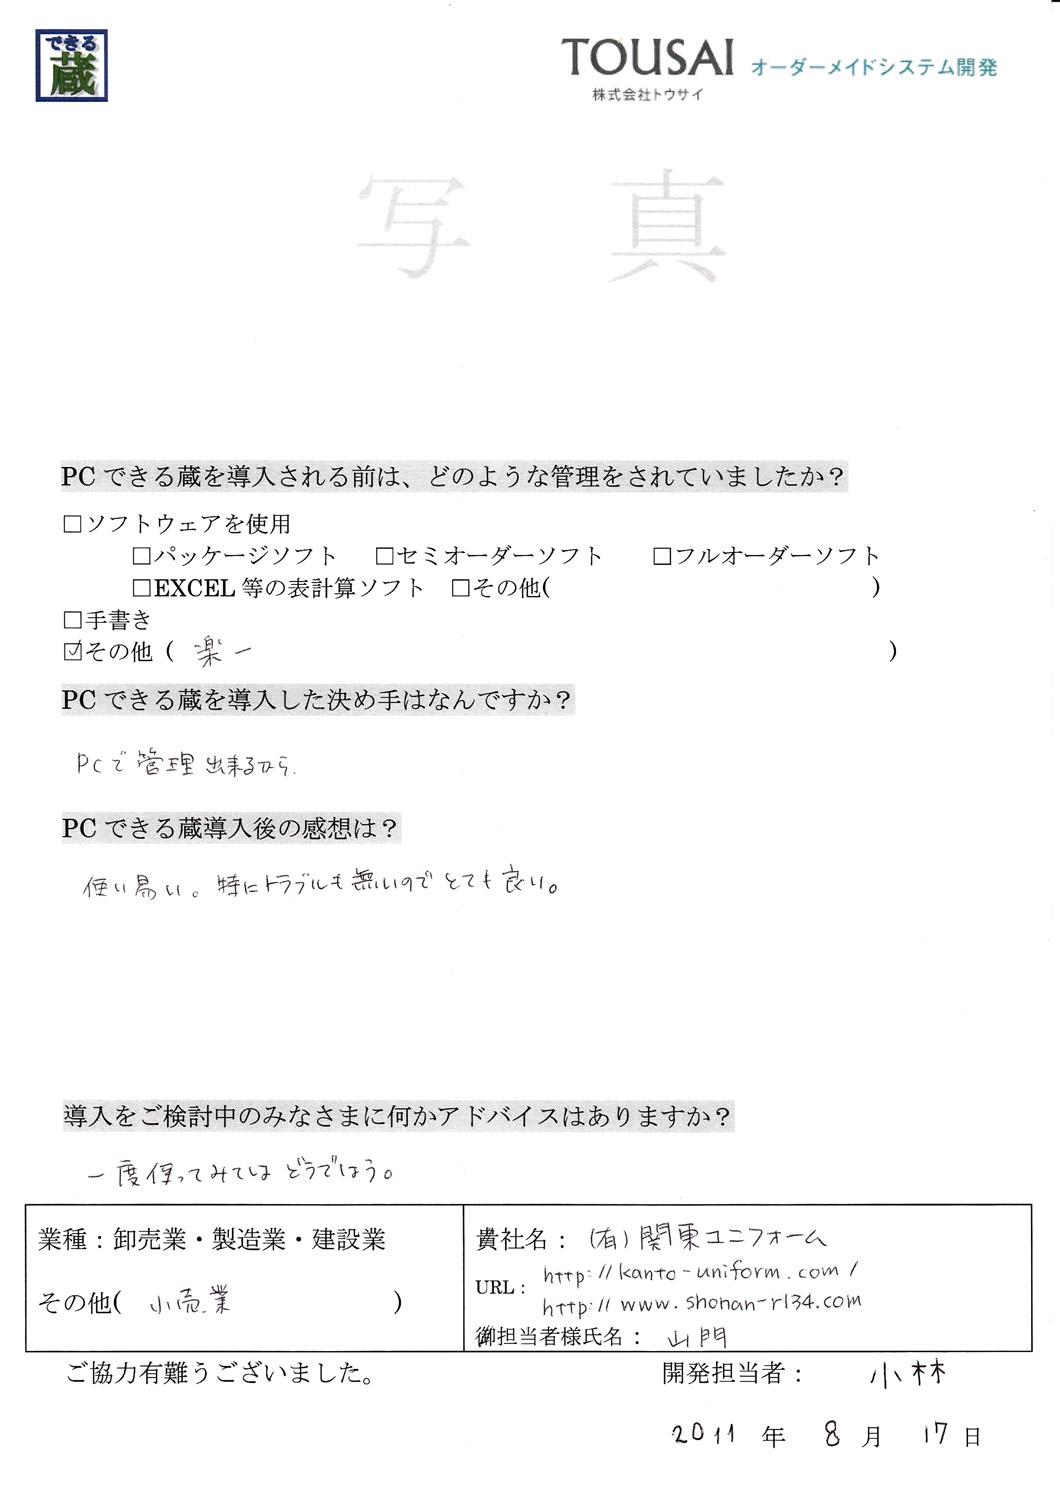 有限会社 関東ユニフォーム 様